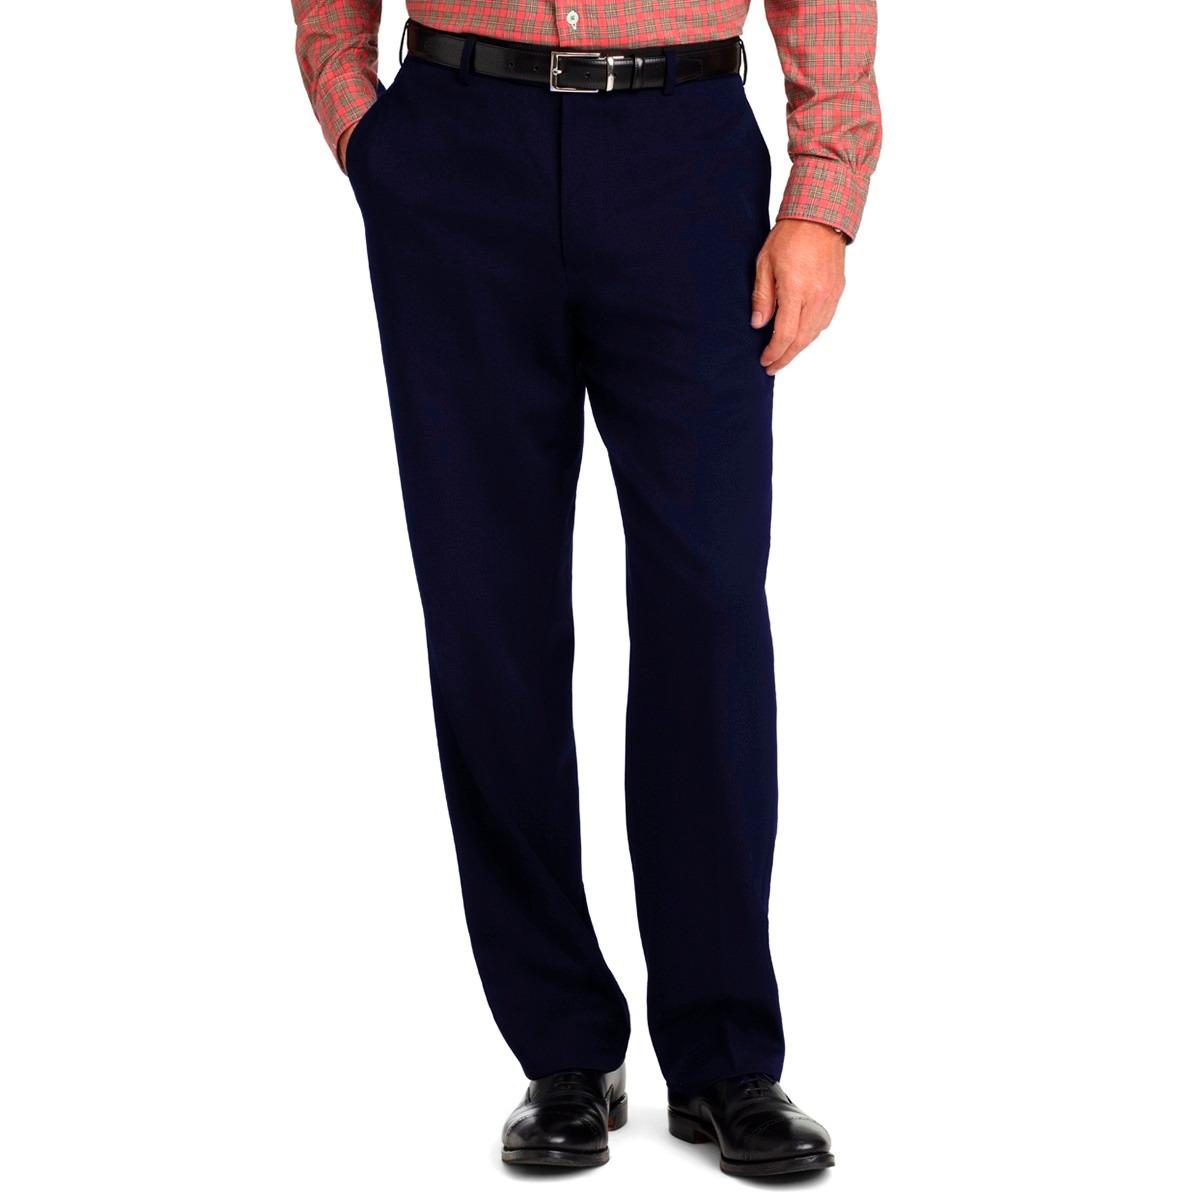 2fc6ab2df kit 4 calças sociais masculina em oxford sem pregas. Carregando zoom.